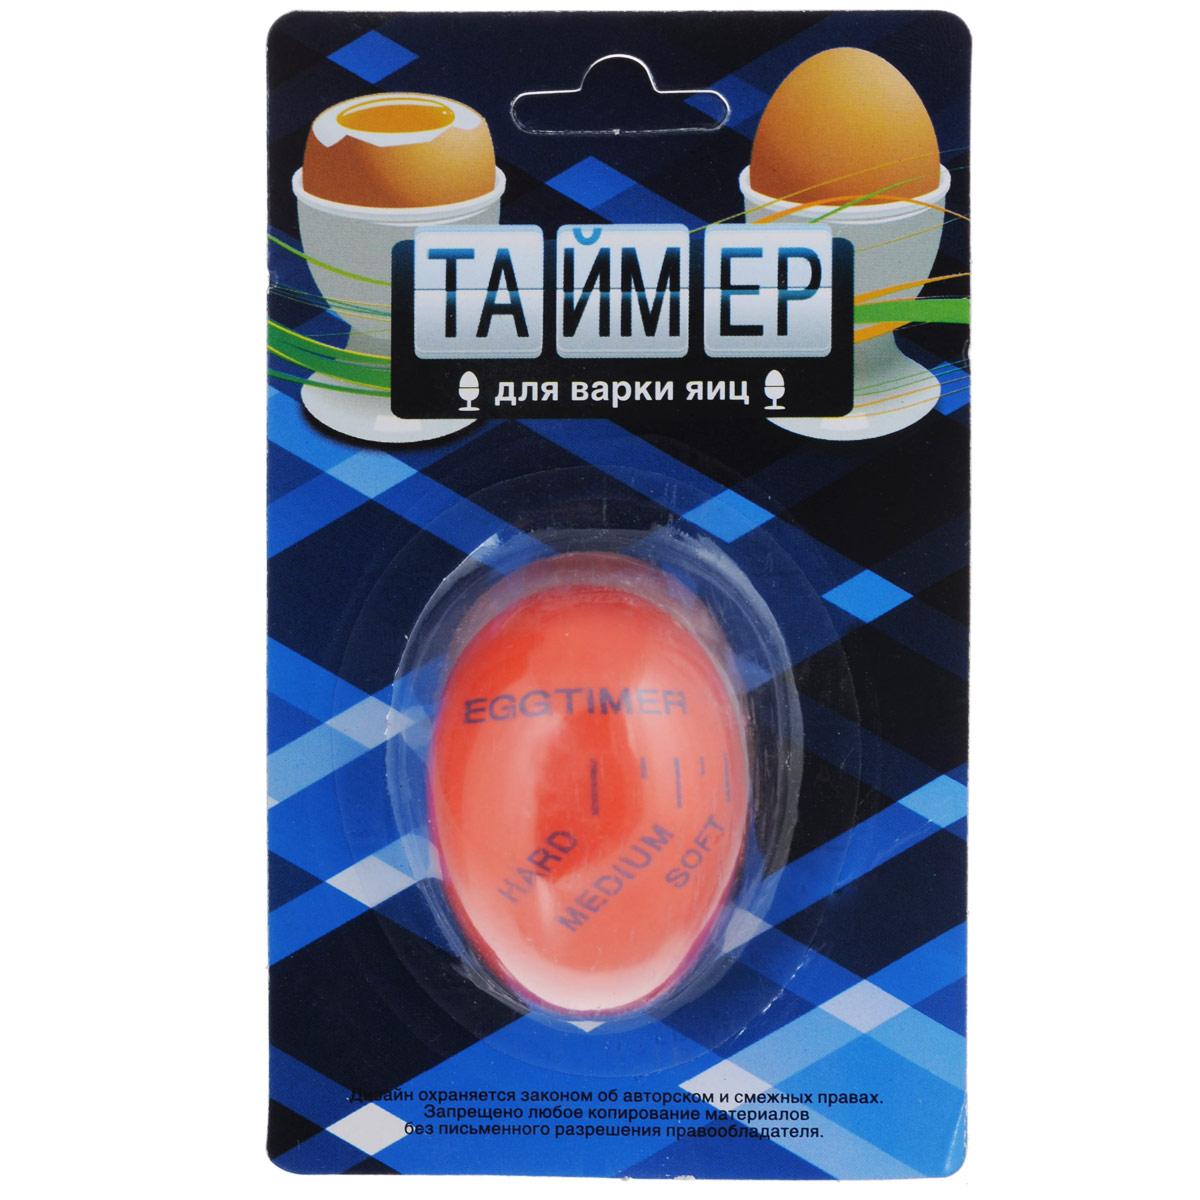 Таймер для варки яиц Egg Timer68/5/3Таймер для варки яиц Эврика Egg Timer поможет вам приготовить яйца вкрутую, всмятку или в мешочек, не засекая времени. Теперь вы сможете без труда угодить всей семье, приготовив для каждого яйца так, как он любит. Это очень удобно и экономит время. Таймер для варки яиц Эврика Egg Timer станет вашим маленьким оригинальным помощником на кухне и позволит стать настоящим экспертом в приготовлении яиц по различным рецептам.Таймер прост в использовании - достаточно лишь поместить его вместе с яйцами при варке и наблюдать. Датчик внутри таймера укажет на степень сваривания яйца.